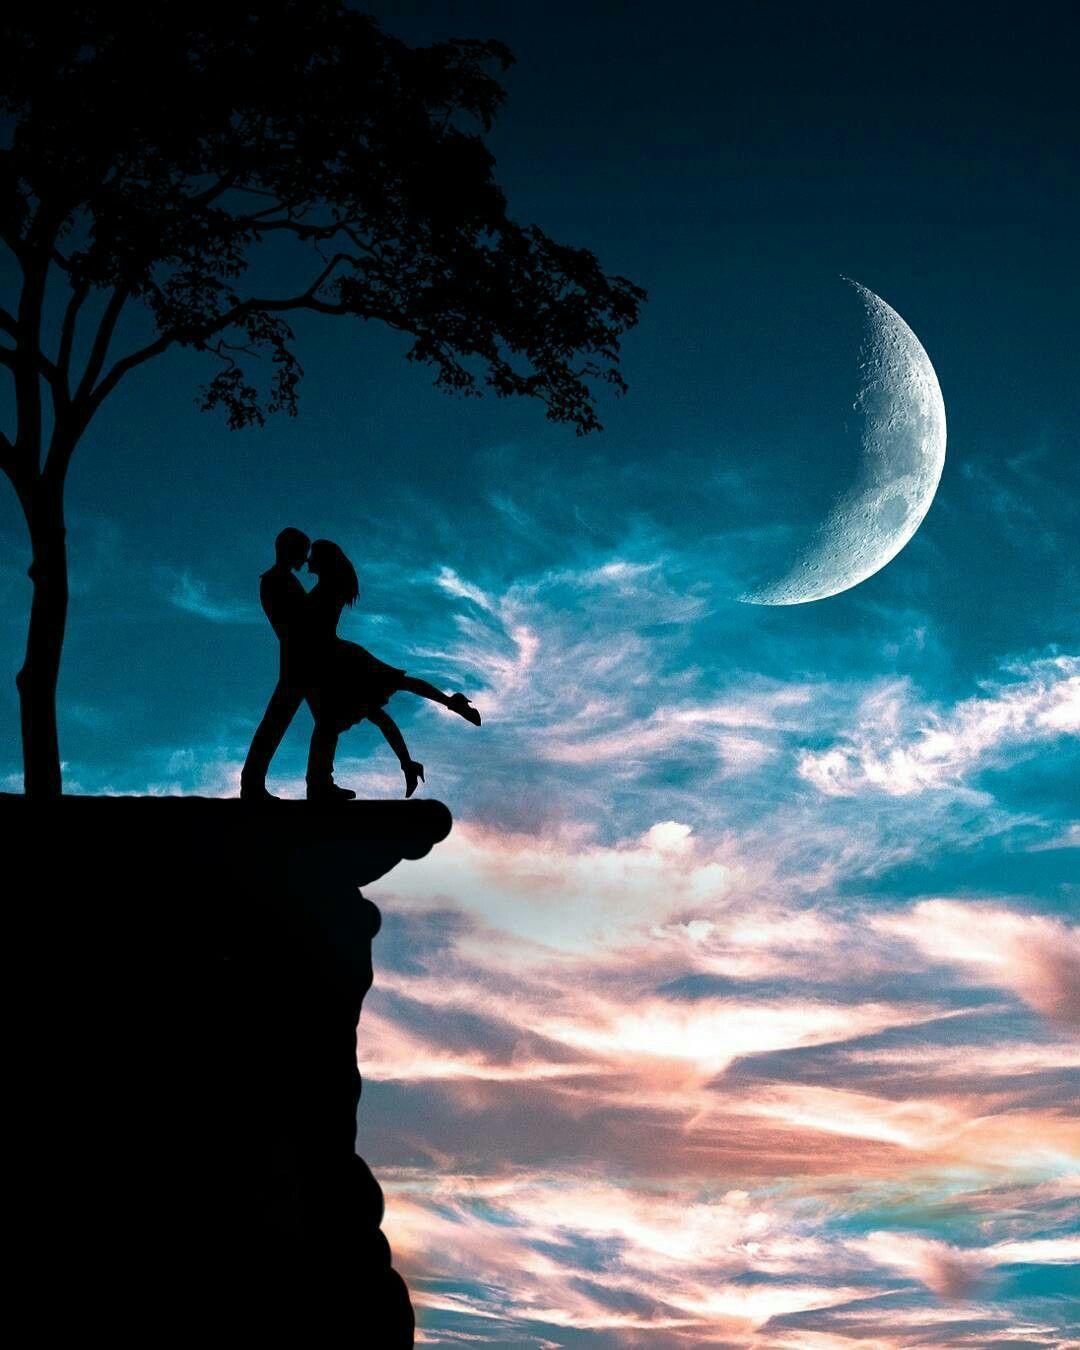 كن خيالا جامحا كن جسور كن نهر عشق يزرع الأمل ويروي الزهور كن طيرا محلقا حرا مثل النسور كن نورا خالصا مثل الوضوء طهور Love Wallpapers Romantic Moon Art Pictures